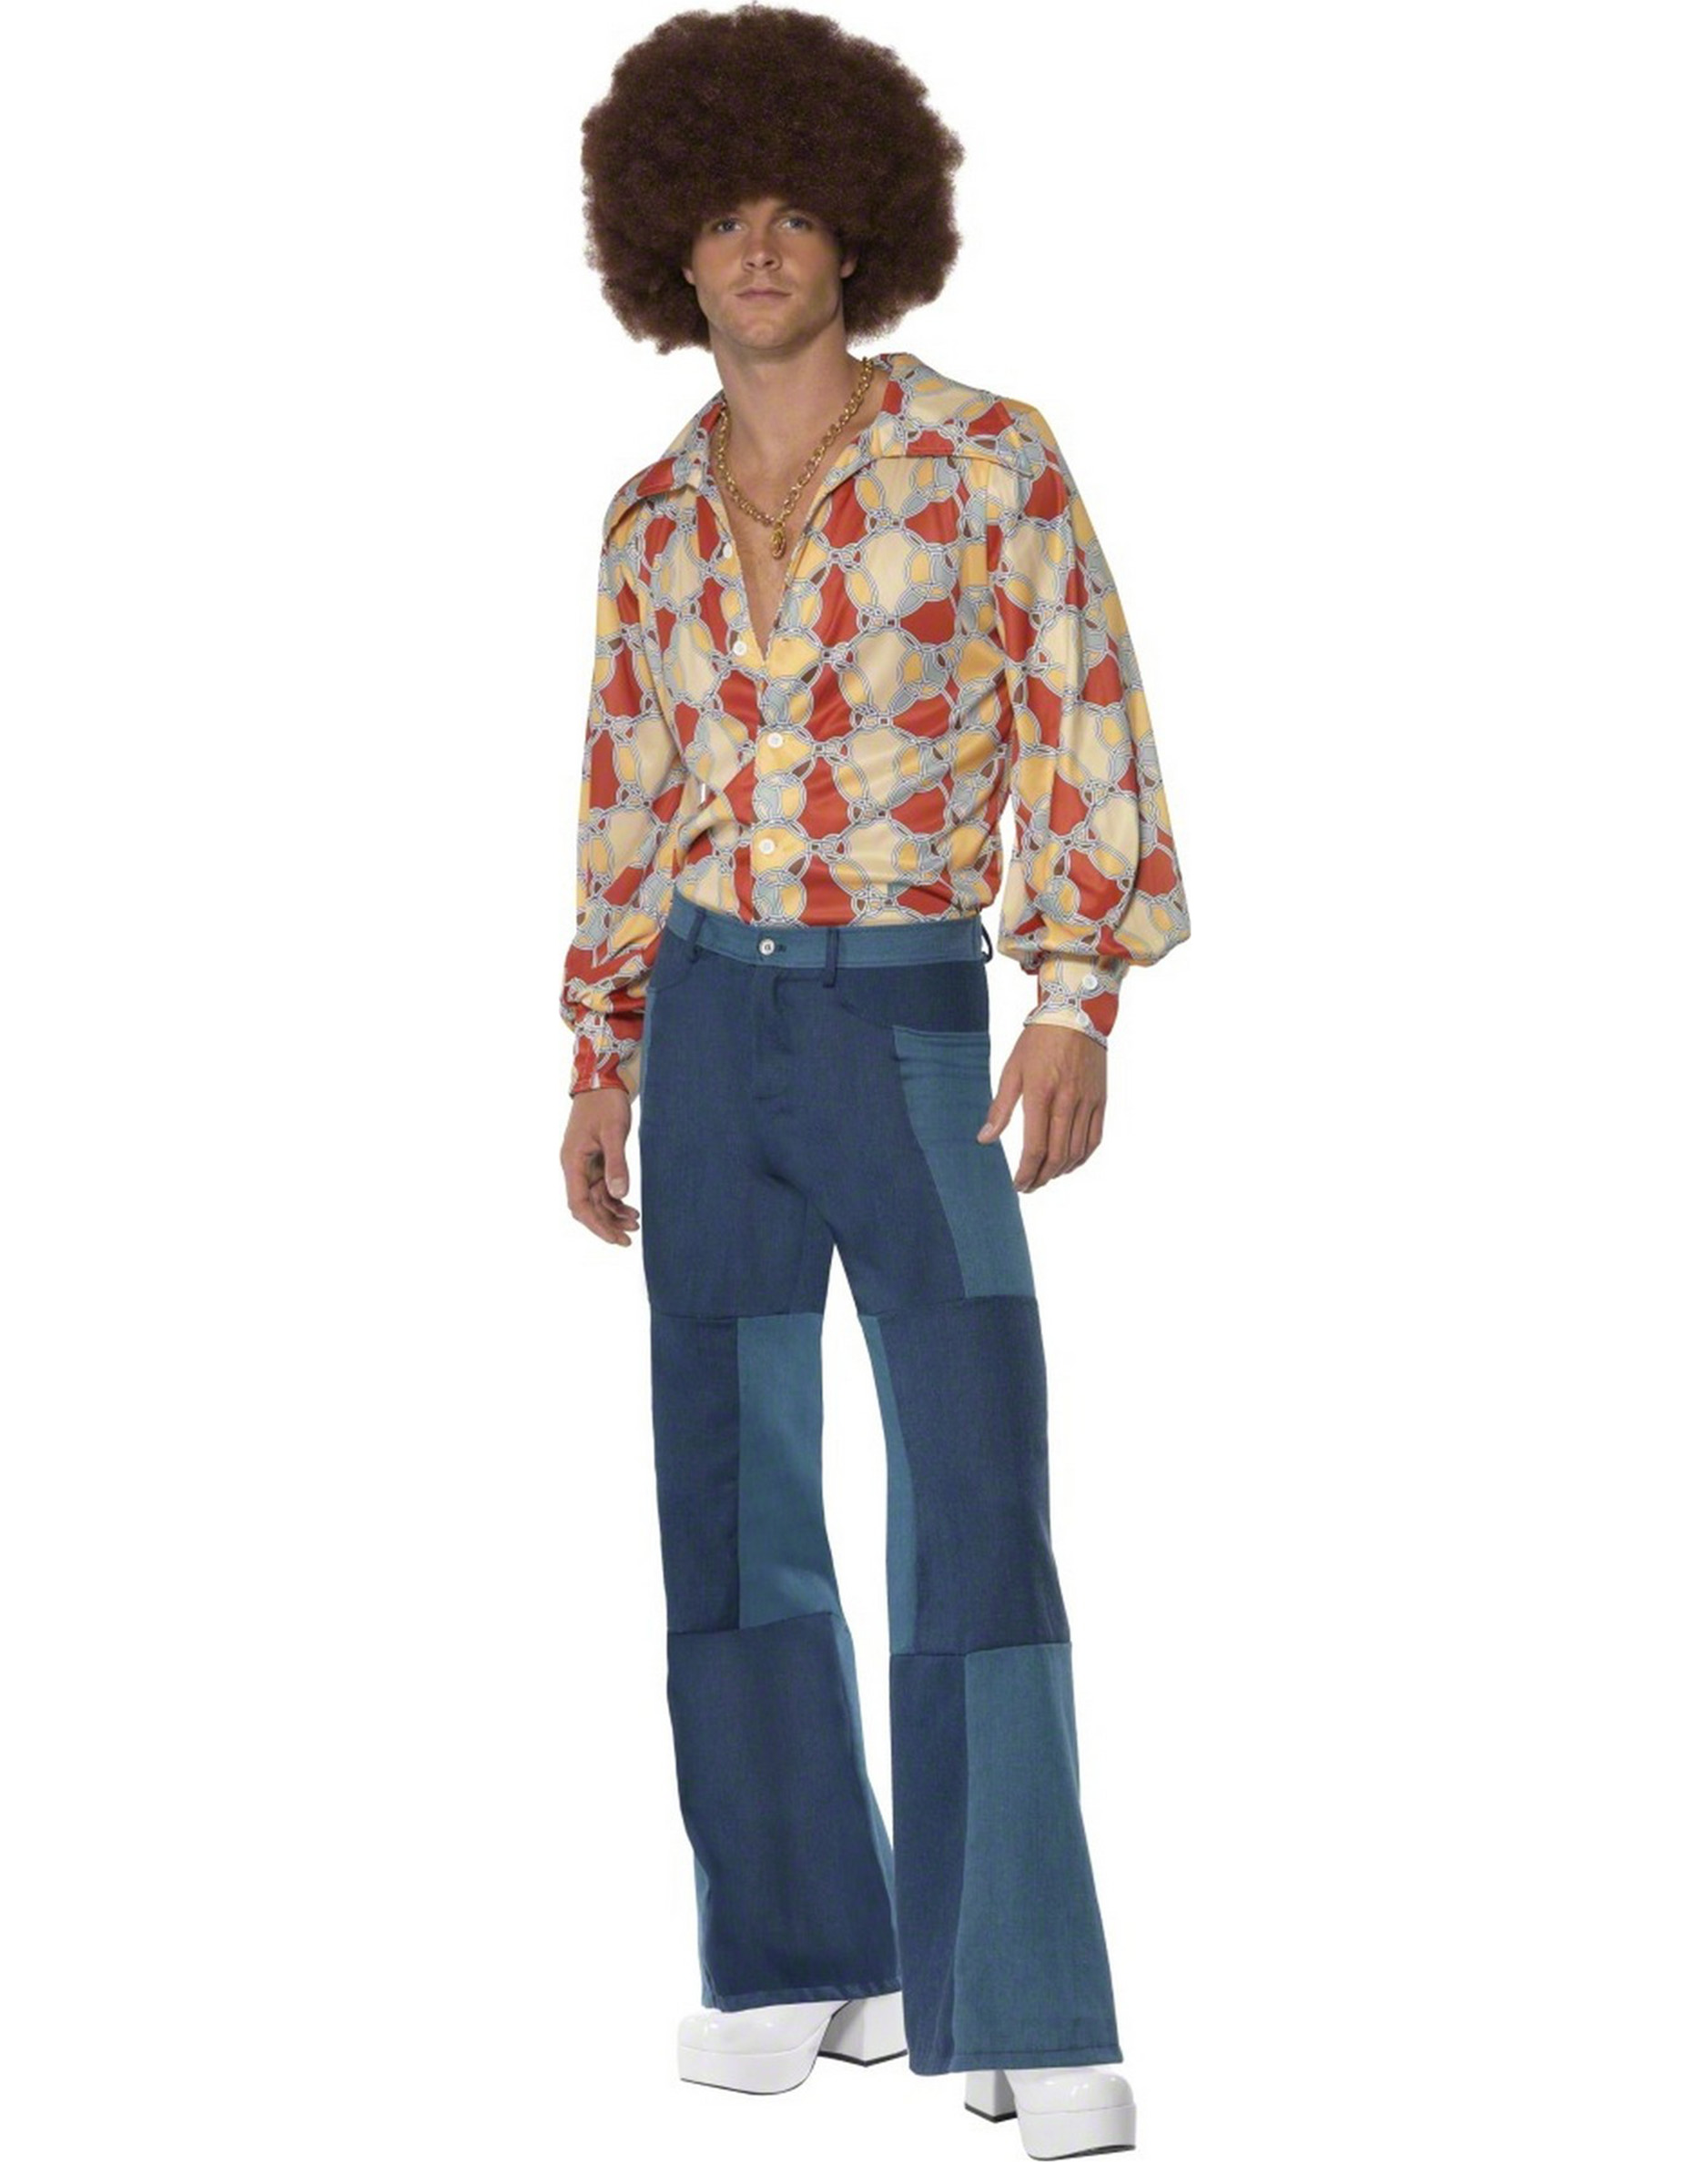 70er Jahre Disco Kostum Fur Herren Kostume Fur Erwachsene Und